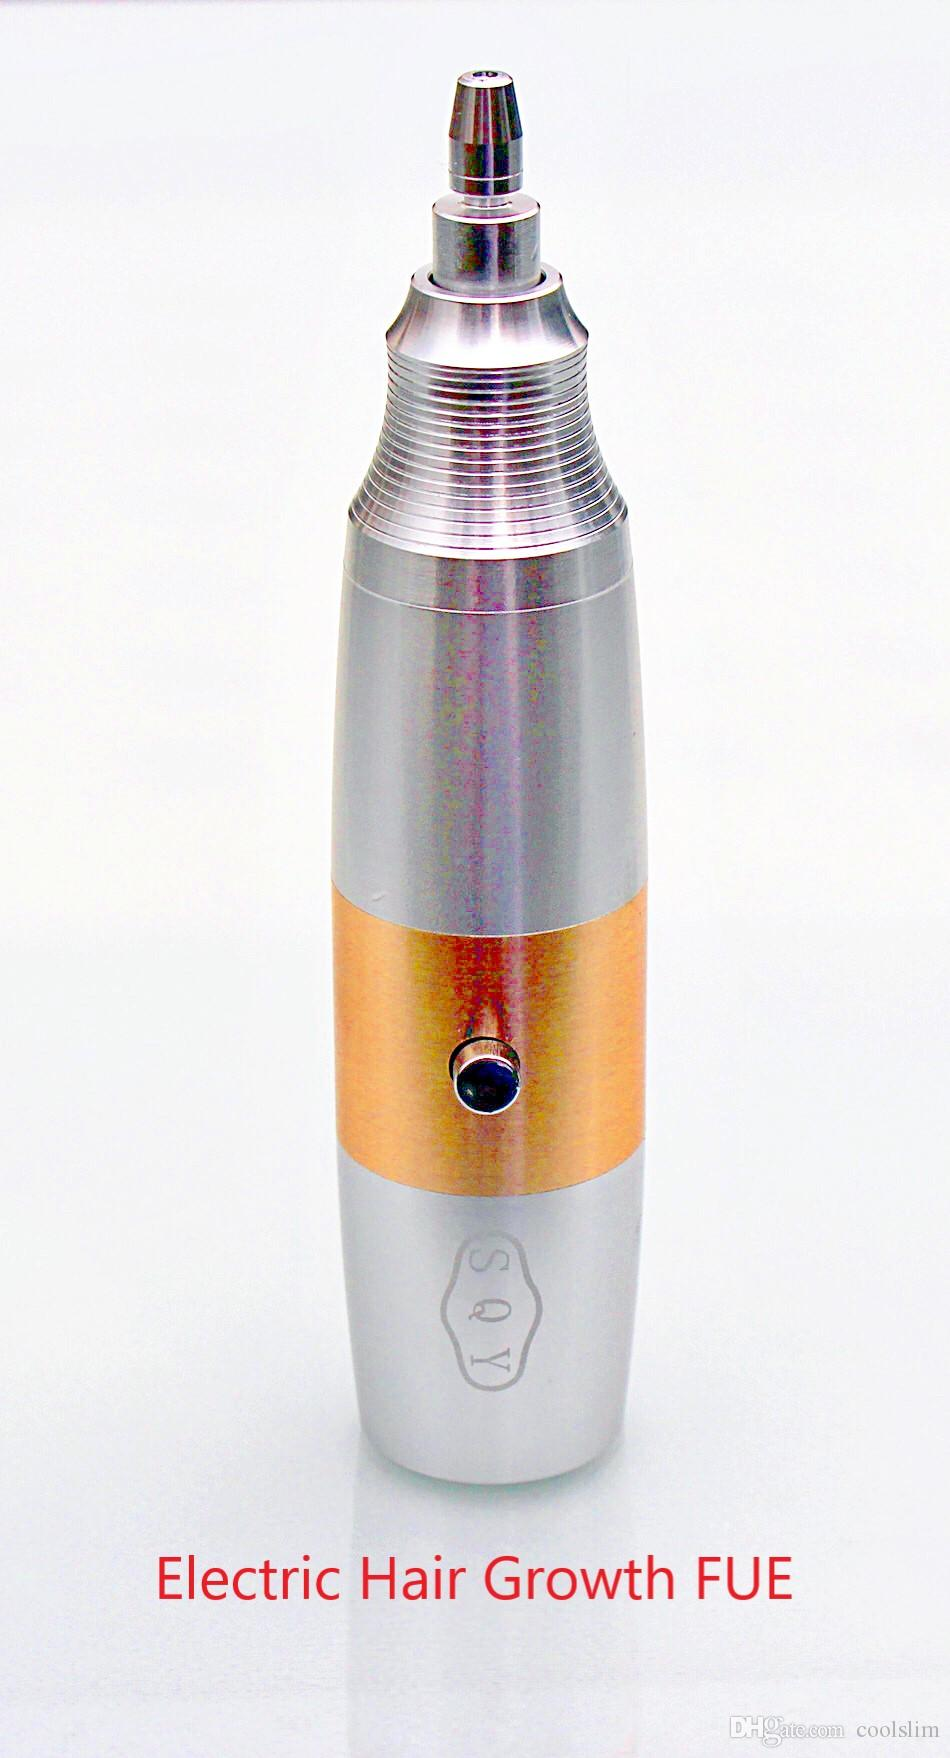 Instrumentos de transplante de fusíveis de crescimento de cabelo elétrico e máquina de flue para cirurgia de transplantão de cabelo Spa de salão de beleza